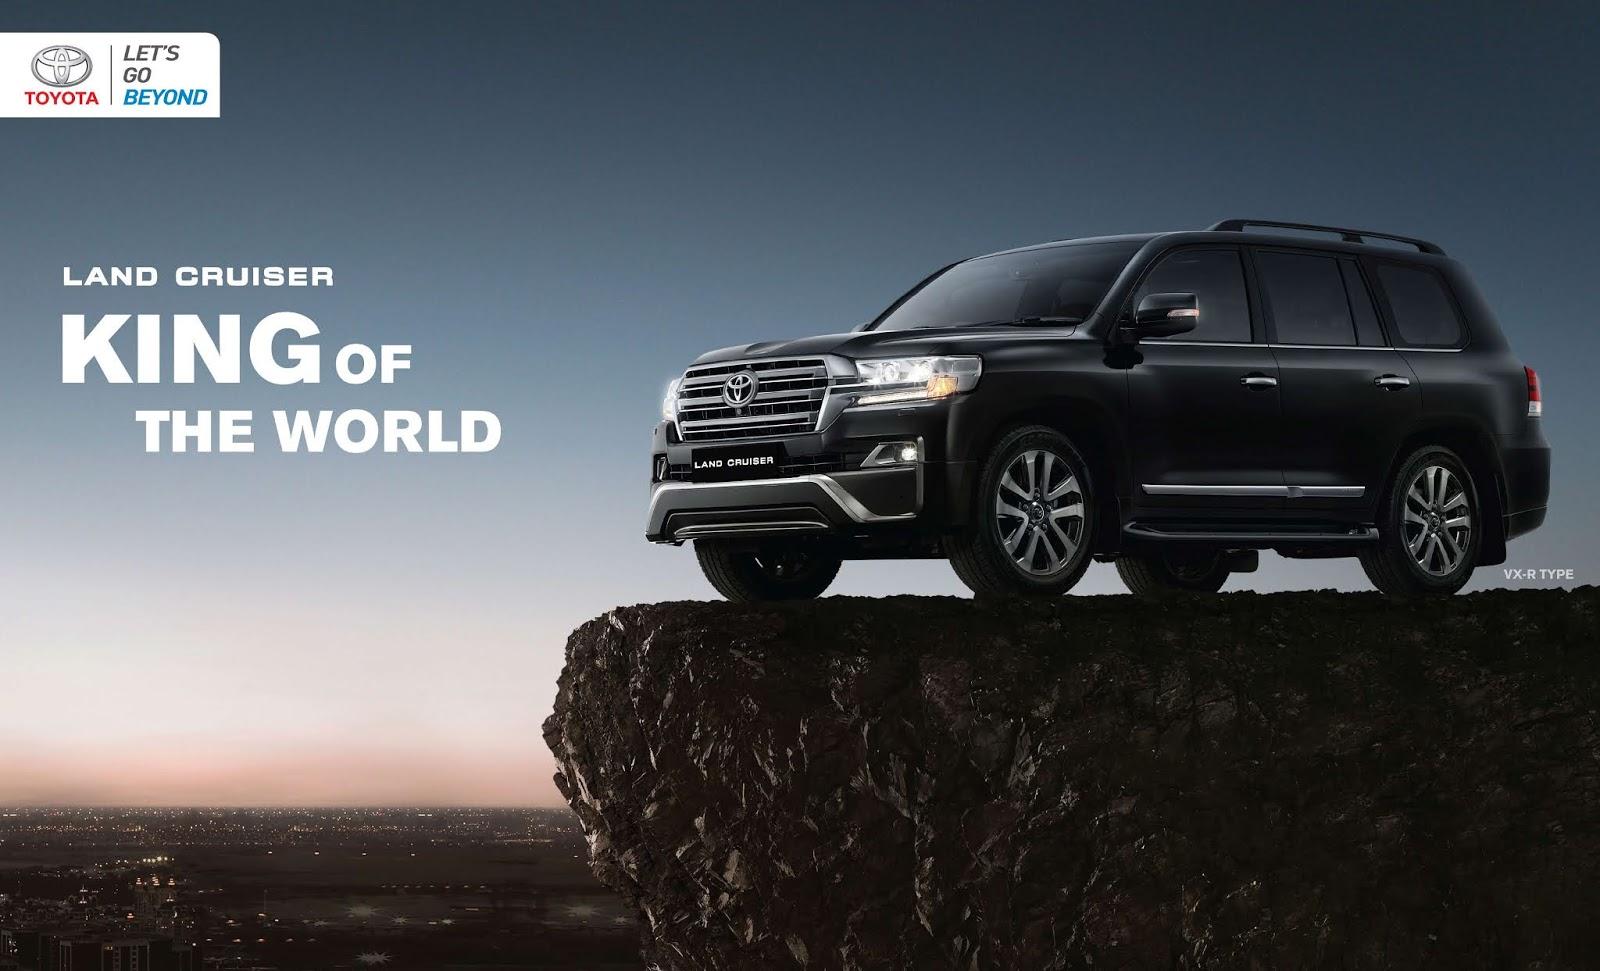 Desain mengalir yang begitu menawan dengan sentuhan elegan dan. Land Cruiser - Info Promo & Harga Toyota Land Cruiser Bali 2021